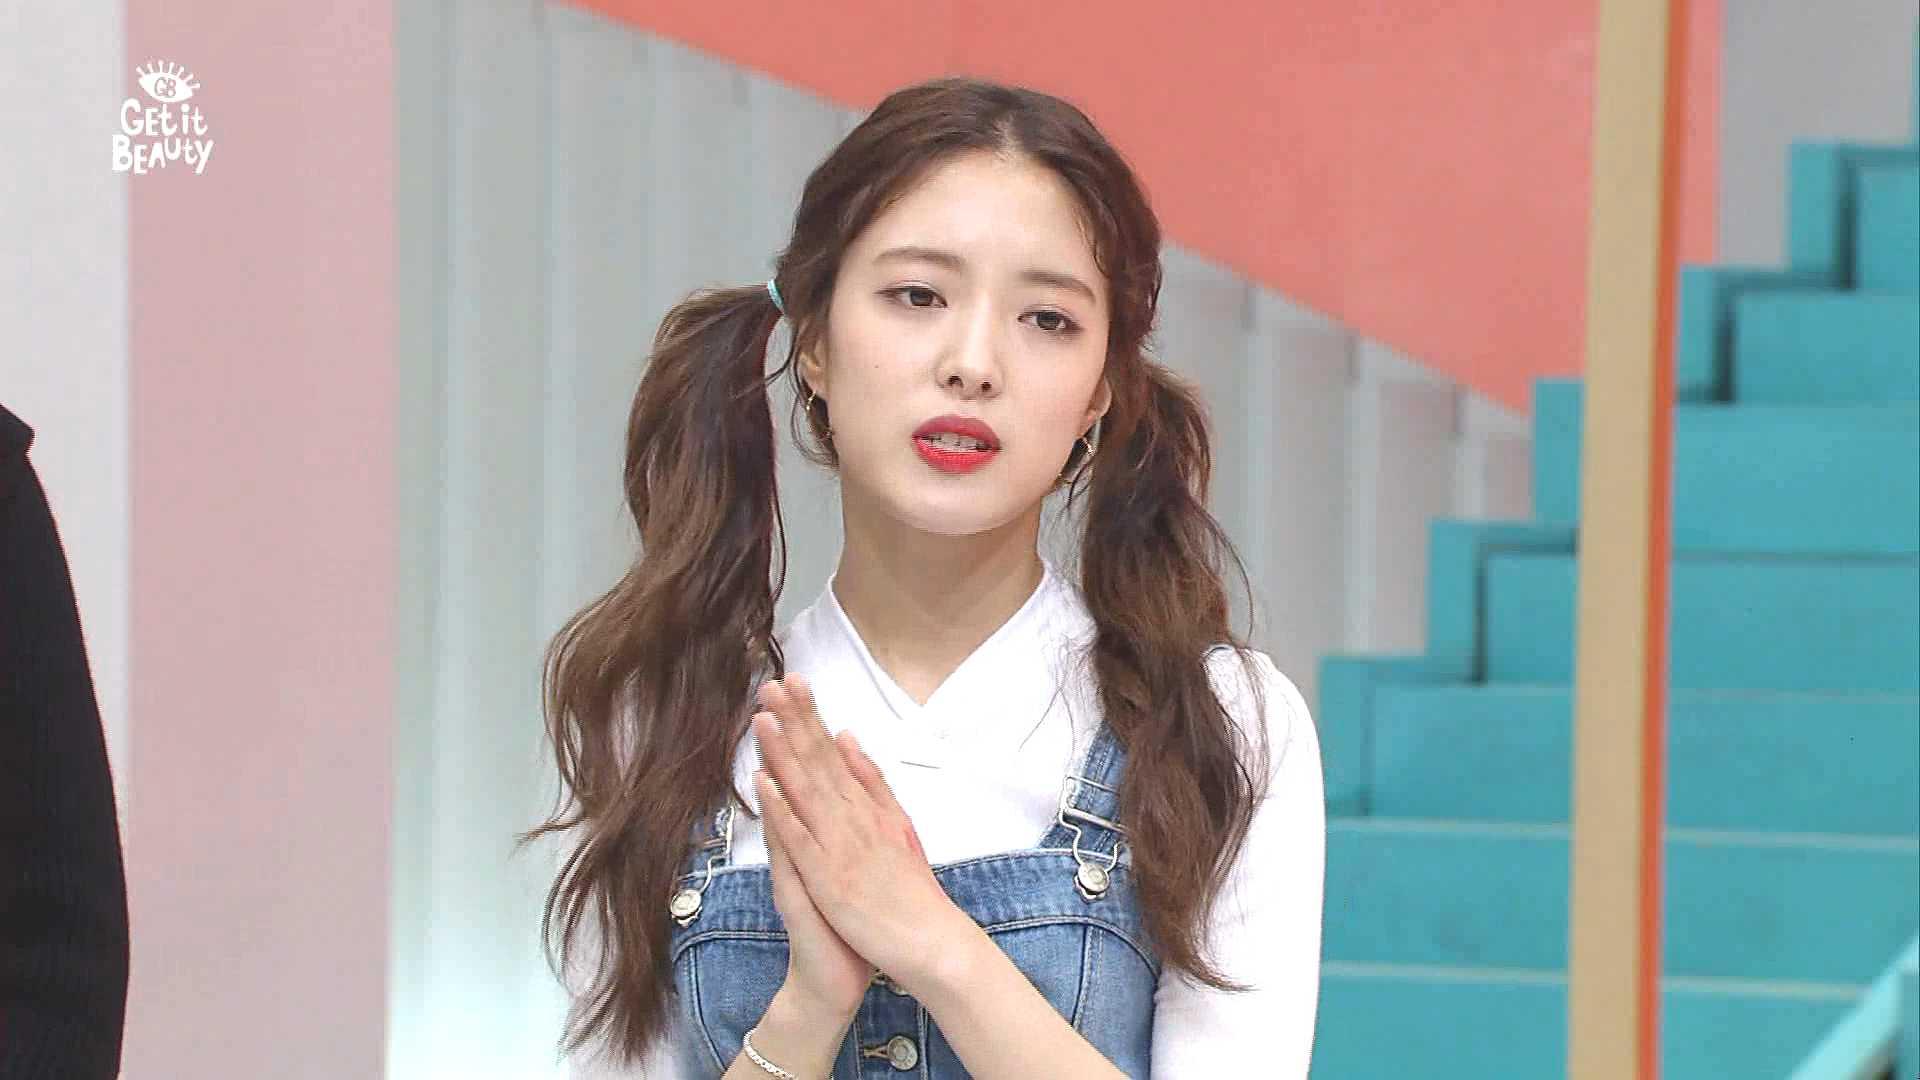 의상정보 : 뷔스티에, 상의, 데님팬츠 - SJYP / 이어링 - 로제도르 / 슈즈 - 게스